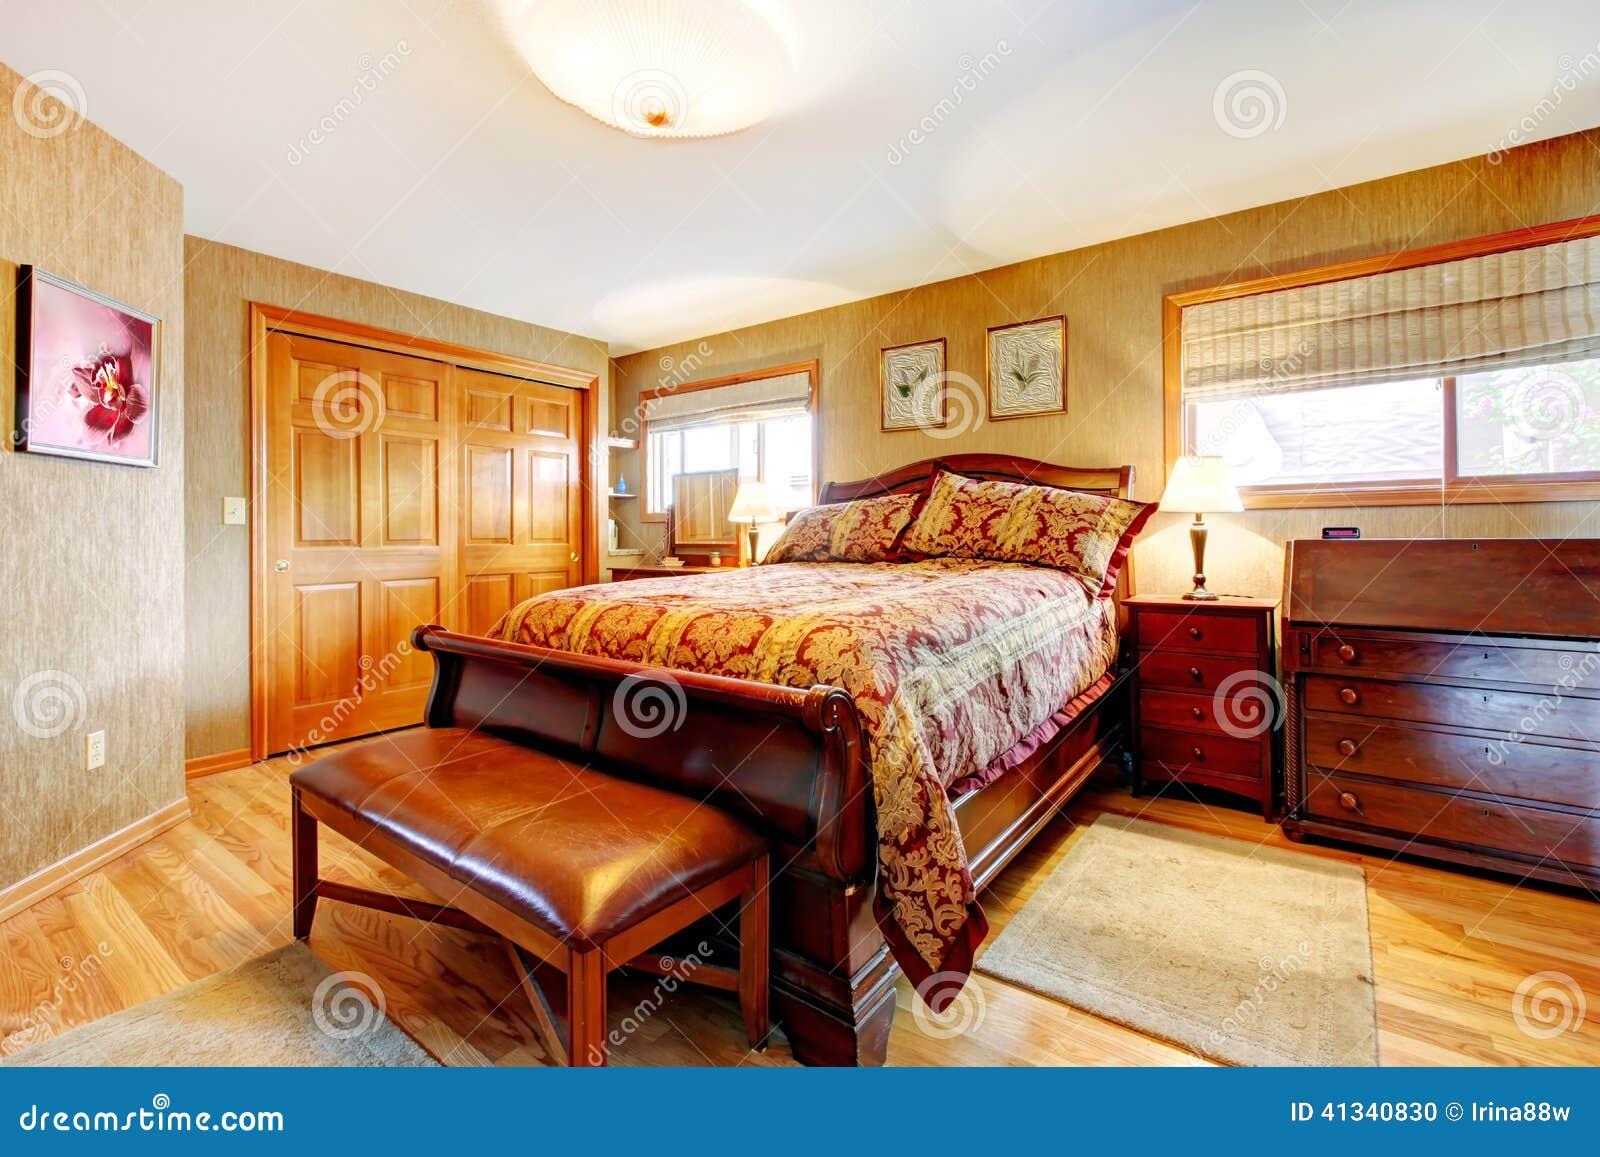 Dormitorio rico con el sistema de los muebles antiguos for Muebles de dormitorio antiguos